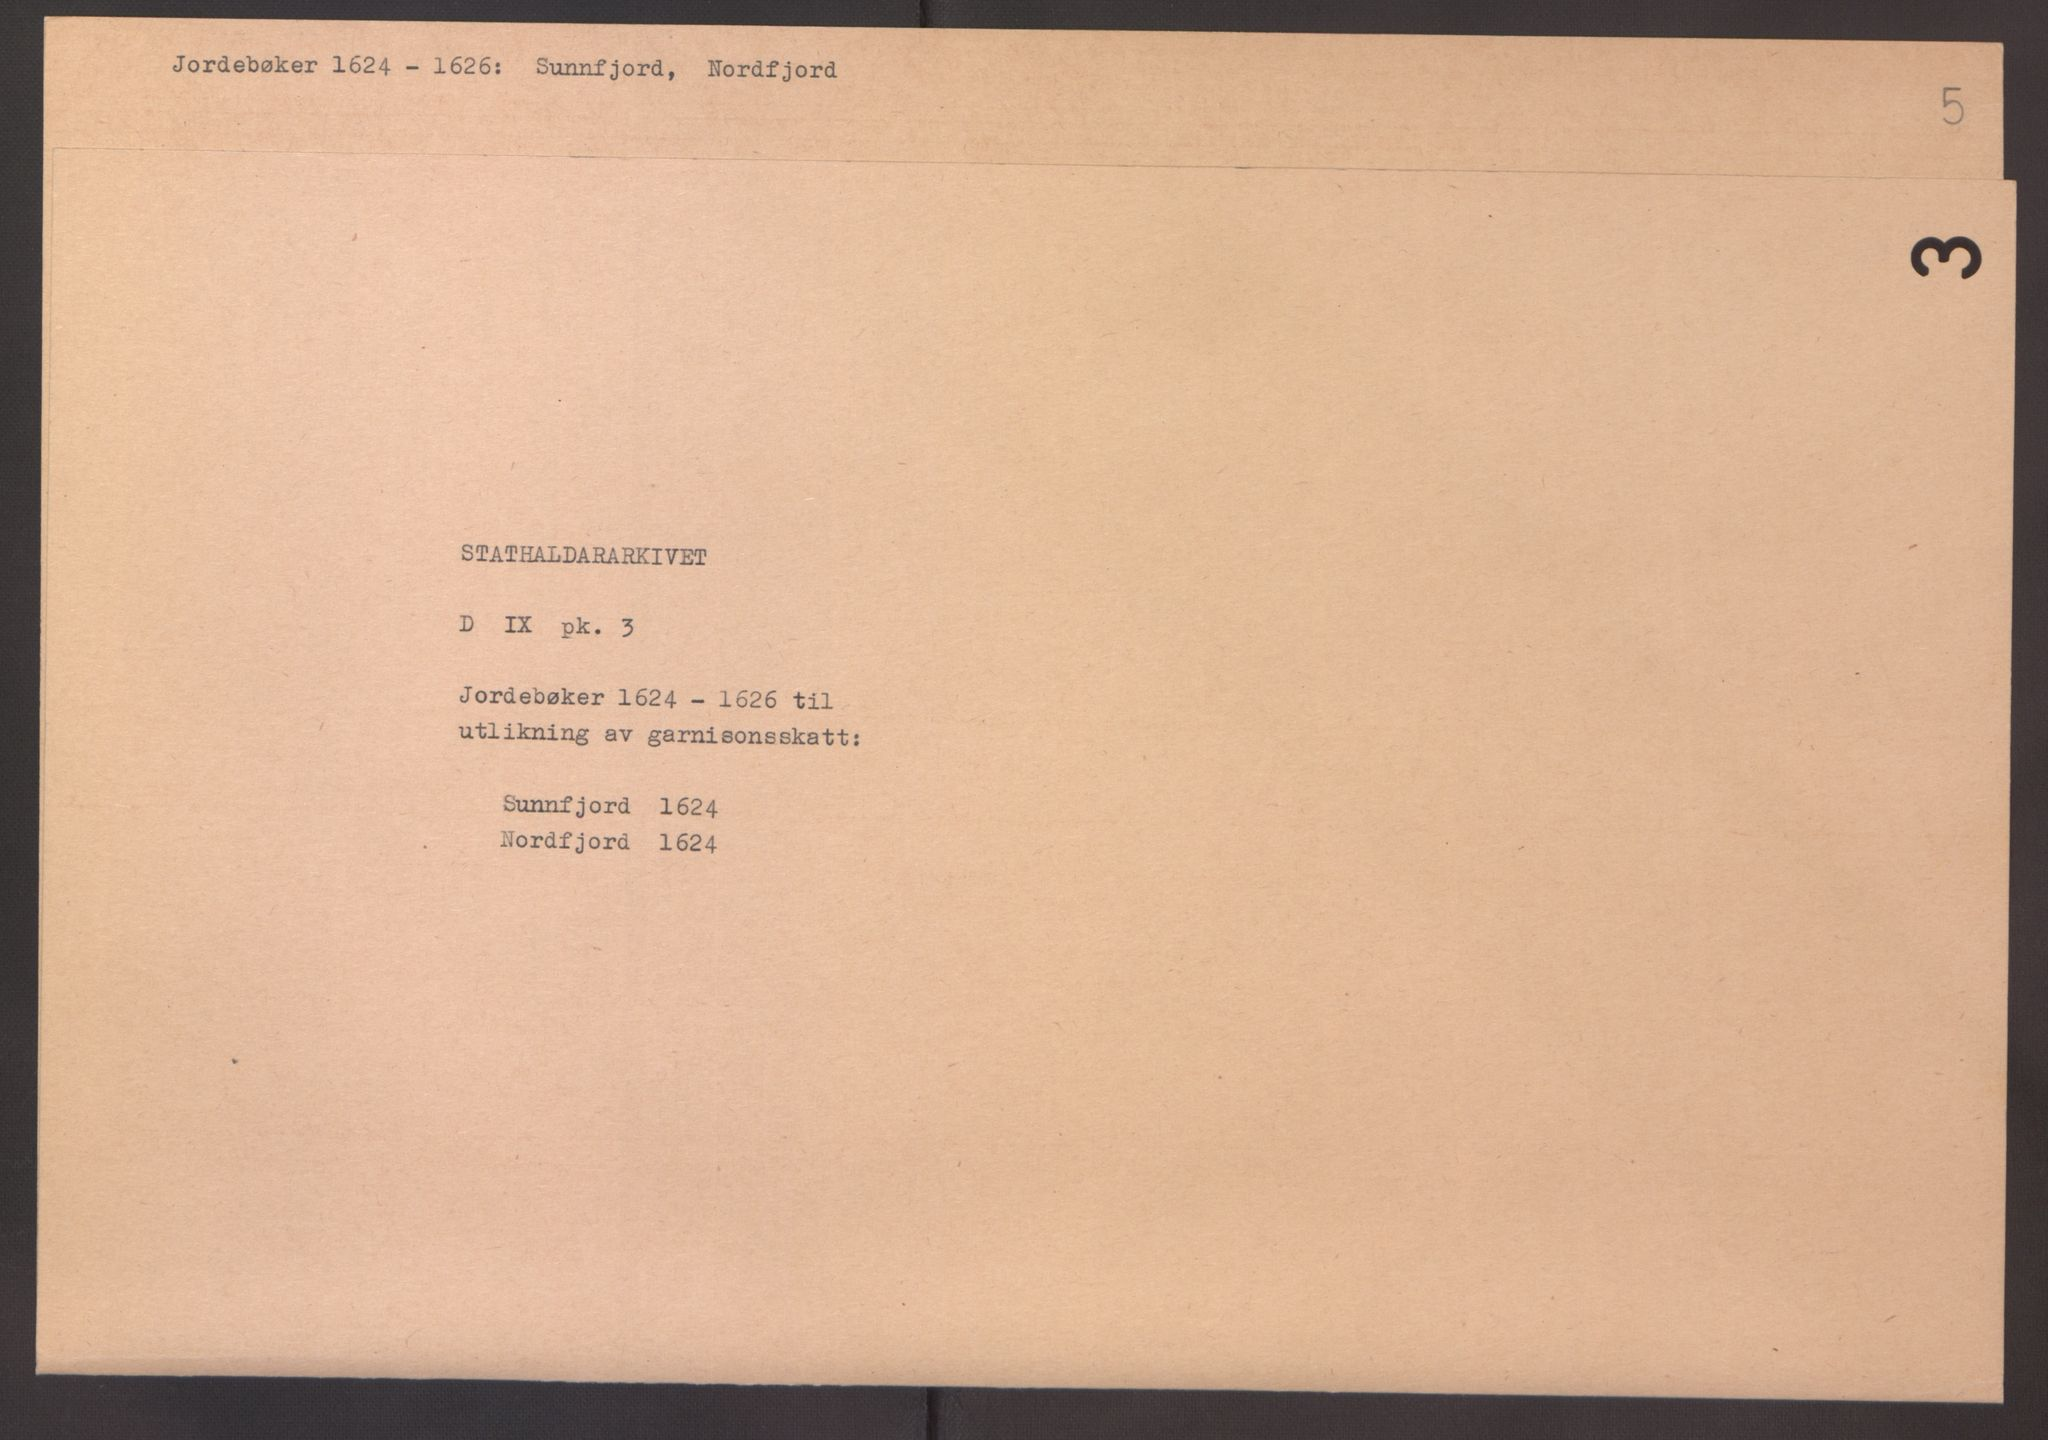 RA, Stattholderembetet 1572-1771, Ek/L0003: Jordebøker til utlikning av garnisonsskatt 1624-1626:, 1624-1625, s. 236